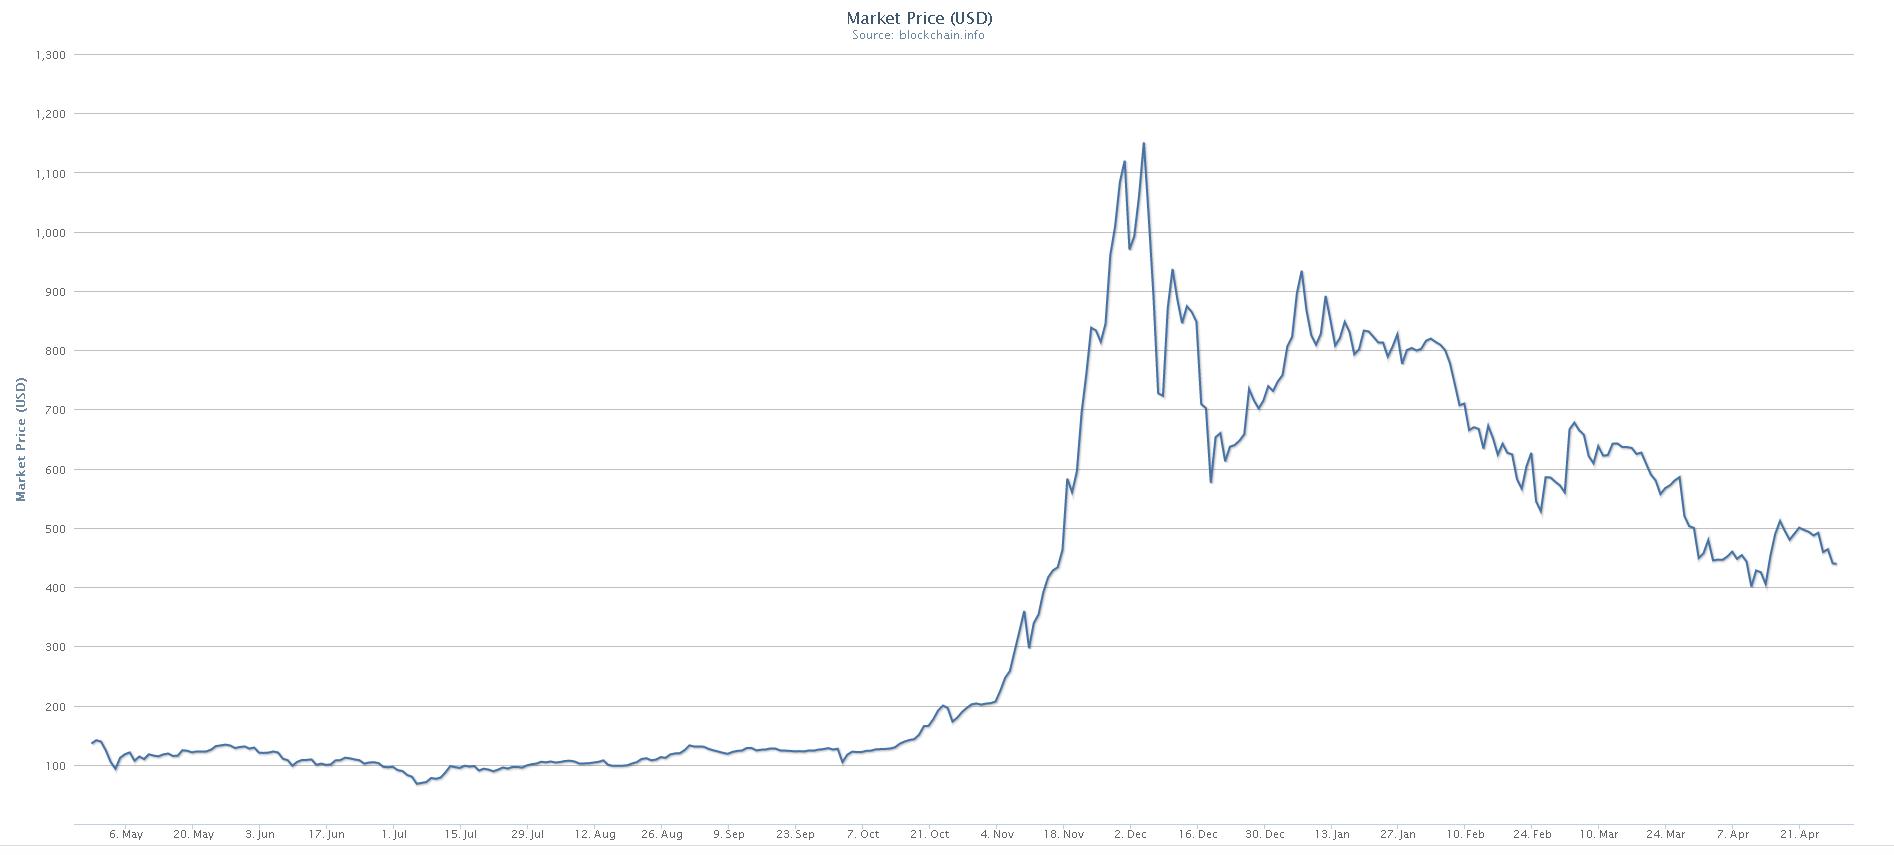 Bitcoin tirgotāju atsauksmes ir reālas